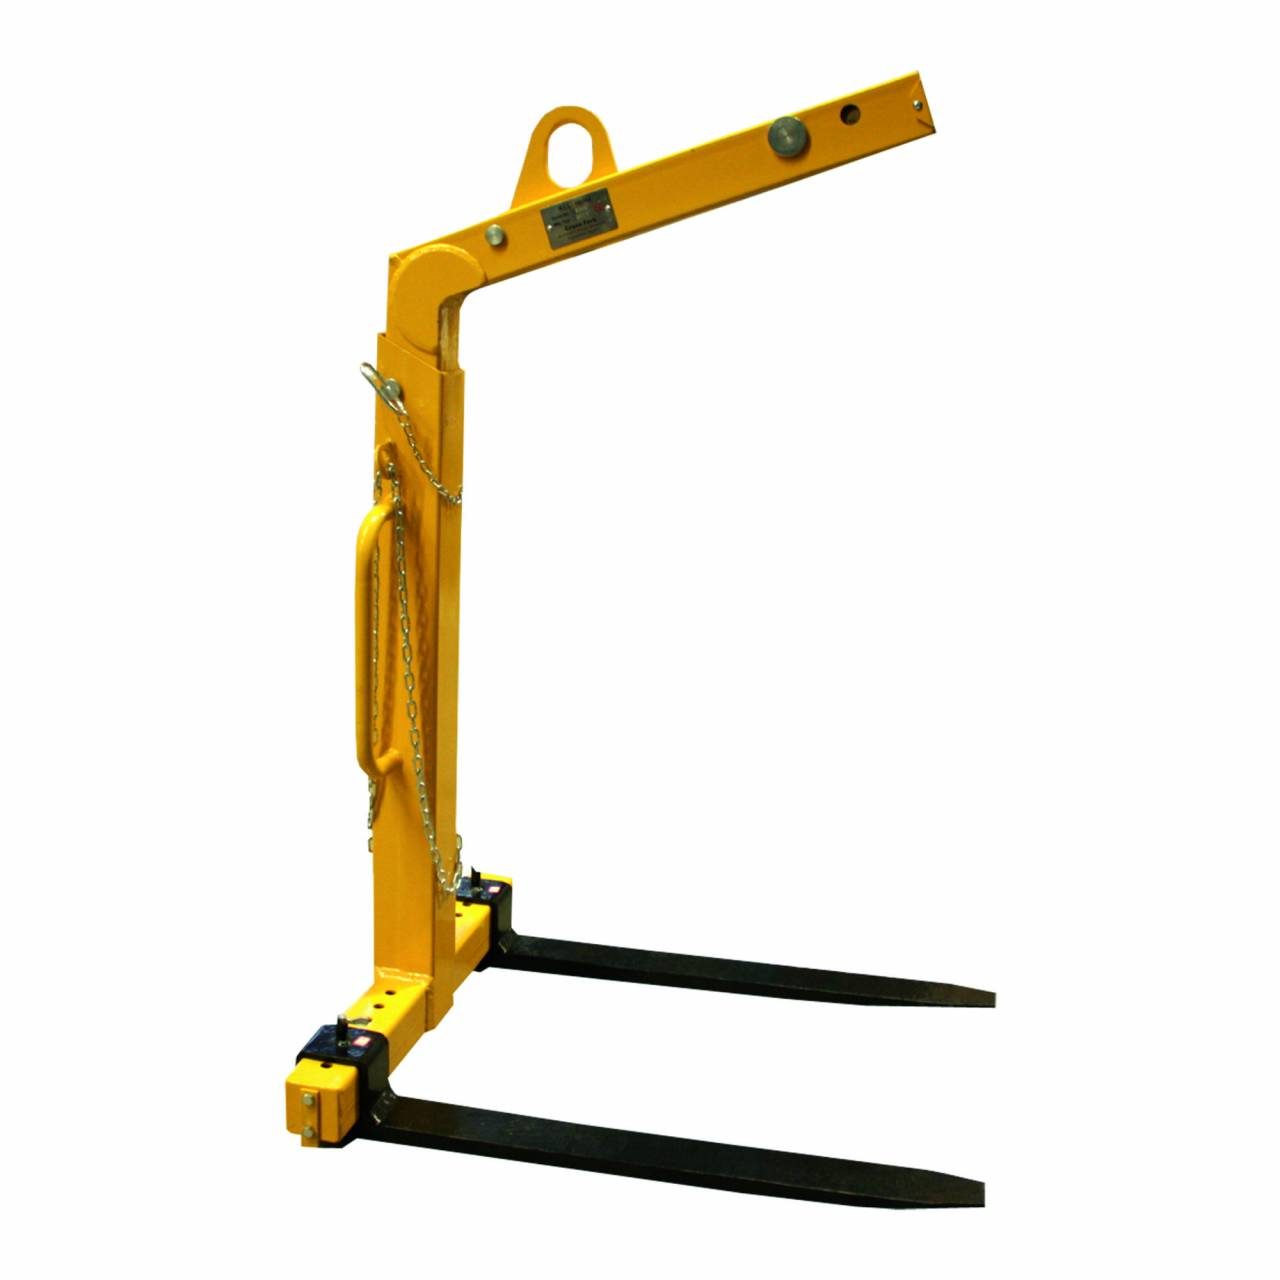 Ladegabel / Palettengabel Traglast 1,5 to, autom. Gewichtsausgleich